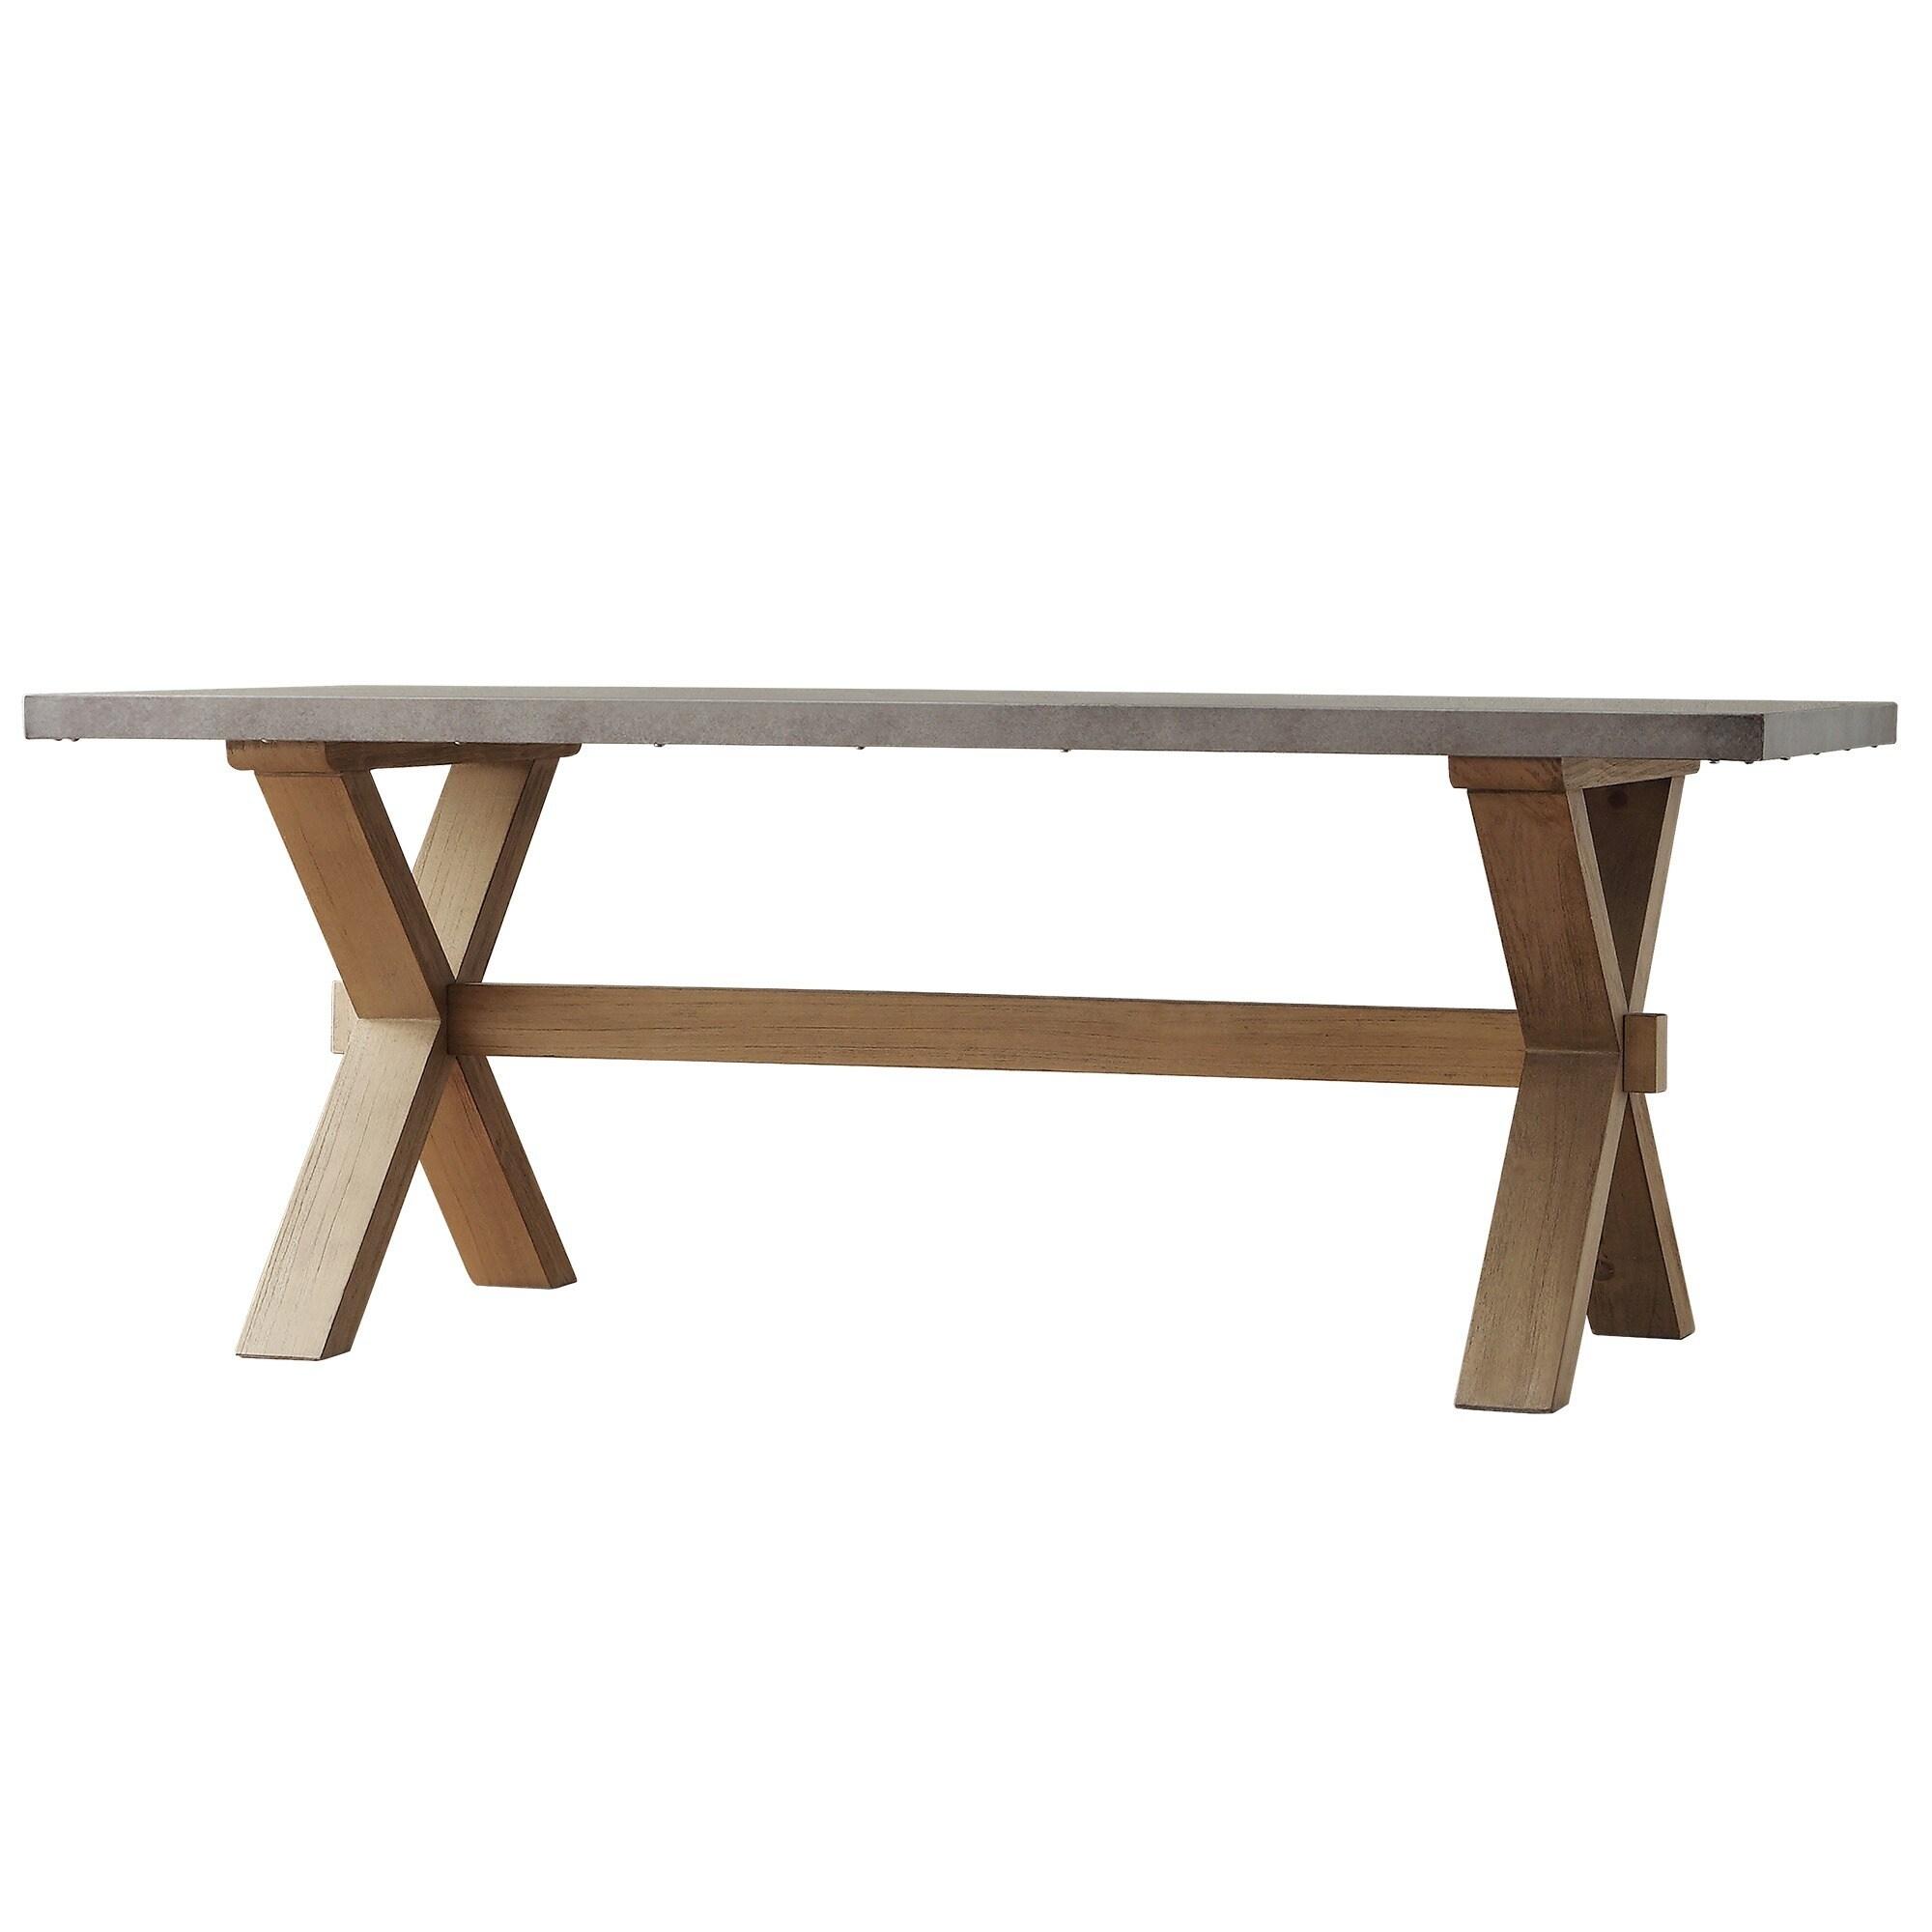 Aberdeen Industrial Zinc Top Weathered Oak Trestle Coffee Table by